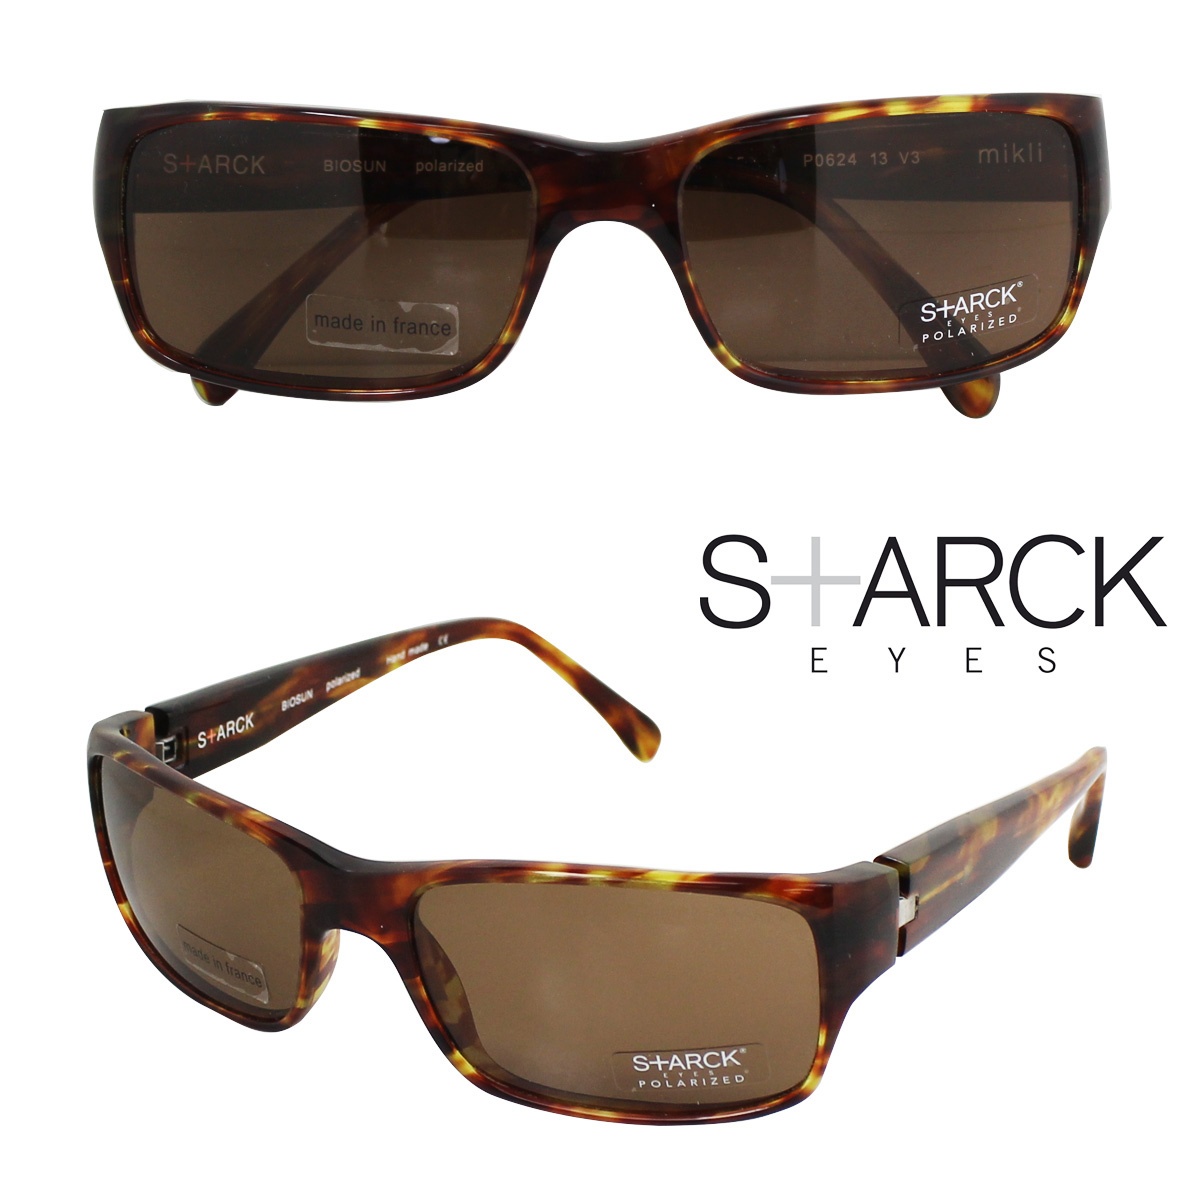 スタルクアイズ STARCK EYES アランミクリ サングラス メガネ 眼鏡 フランス製 メンズ レディース 【返品不可】